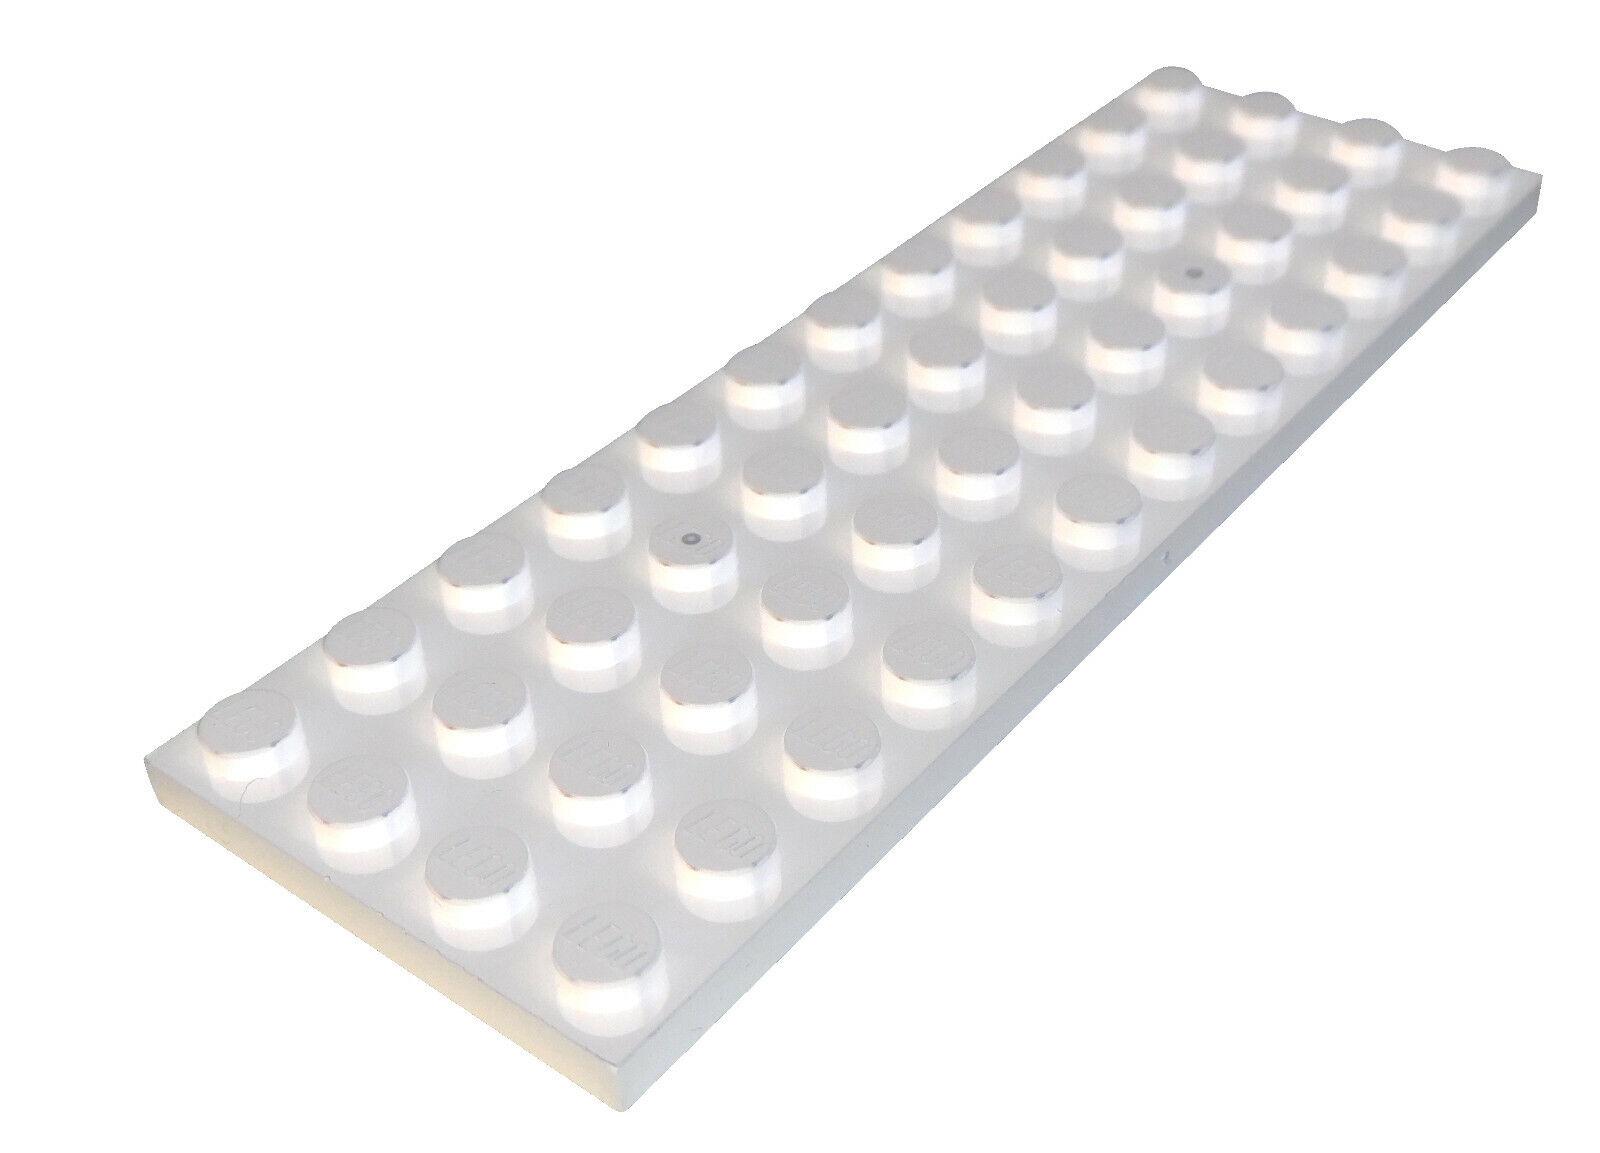 Lego 3029 Platte 4x12 weiß white 4168072